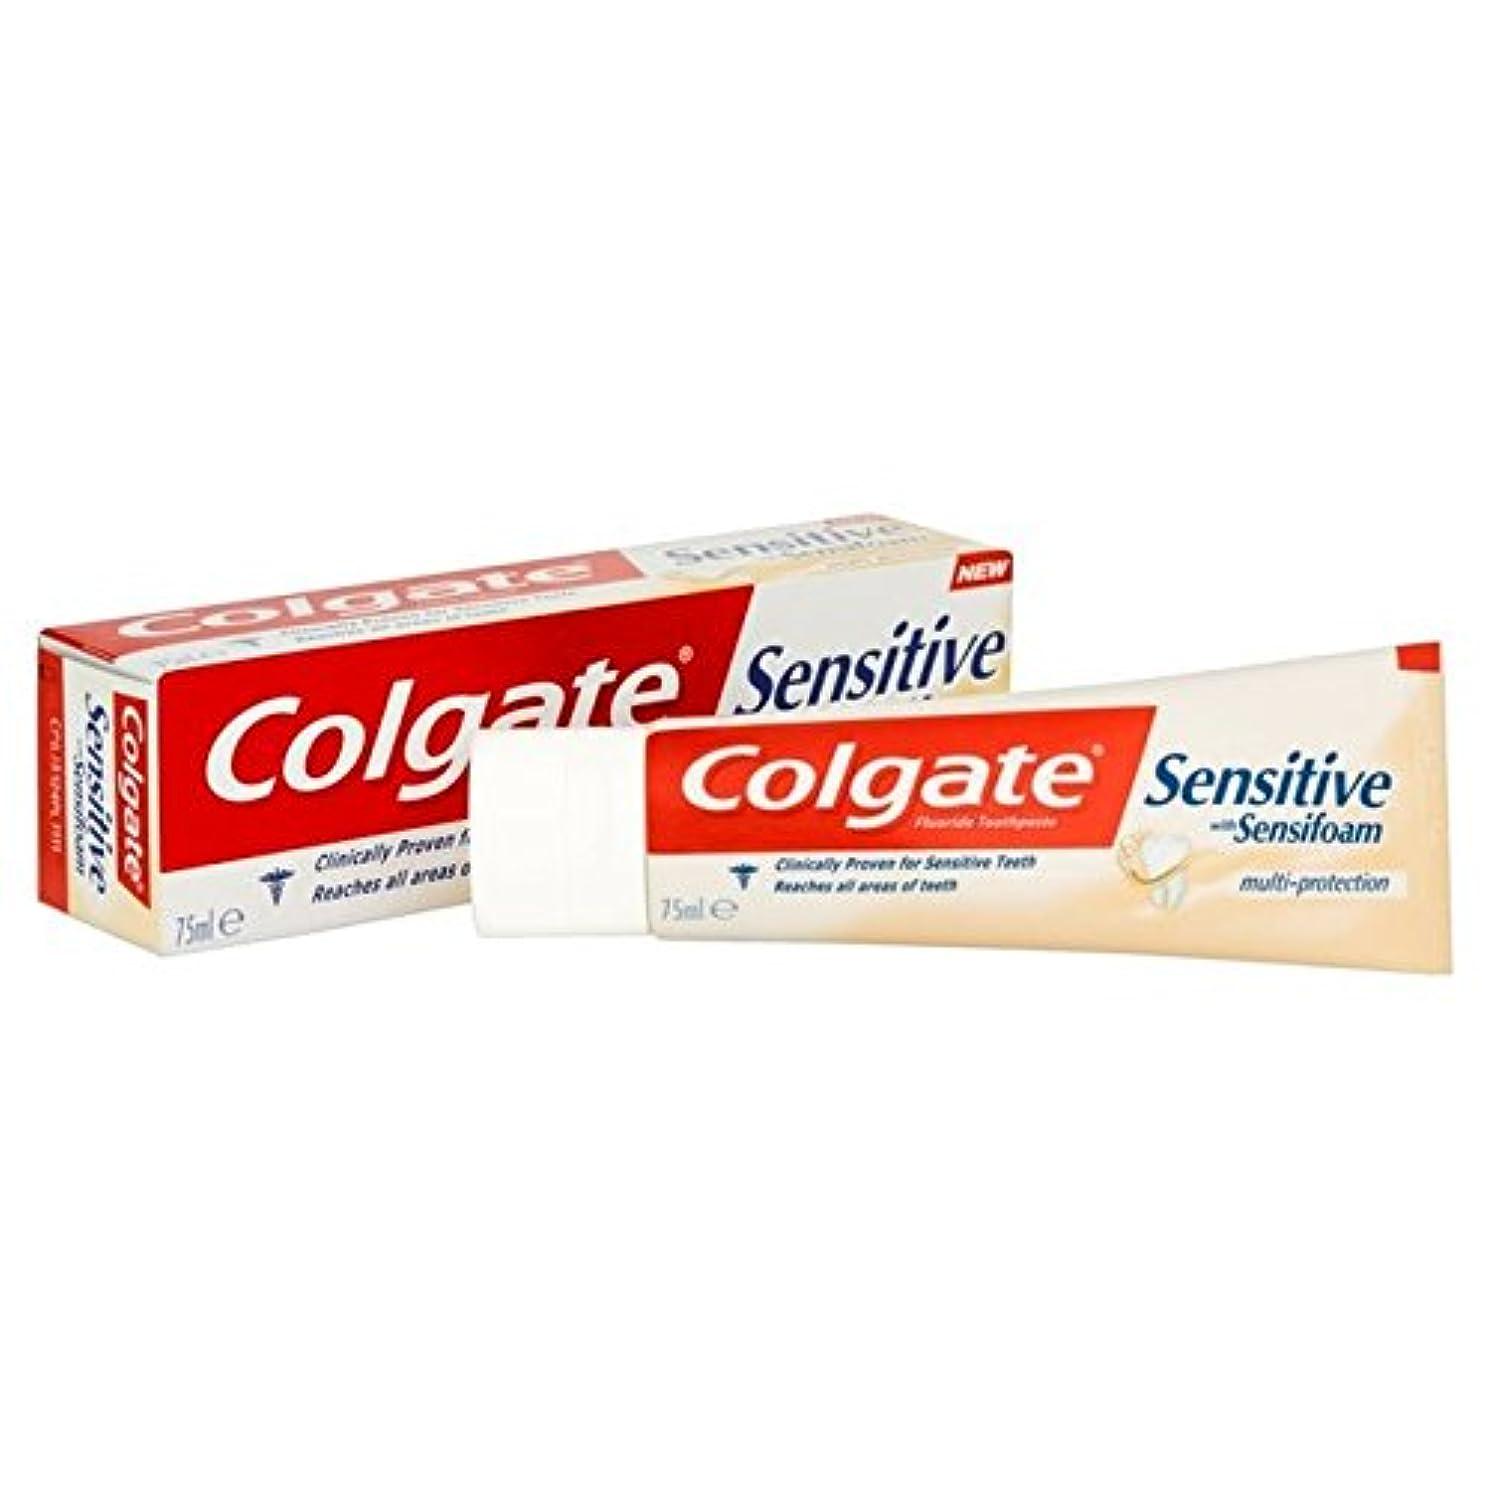 次へサイレンペンColgate Sensitive Foam Multi Protect Toothpaste 75ml (Pack of 6) - コルゲート敏感な泡は、マルチ歯磨き粉75ミリリットルを保護します x6 [並行輸入品]